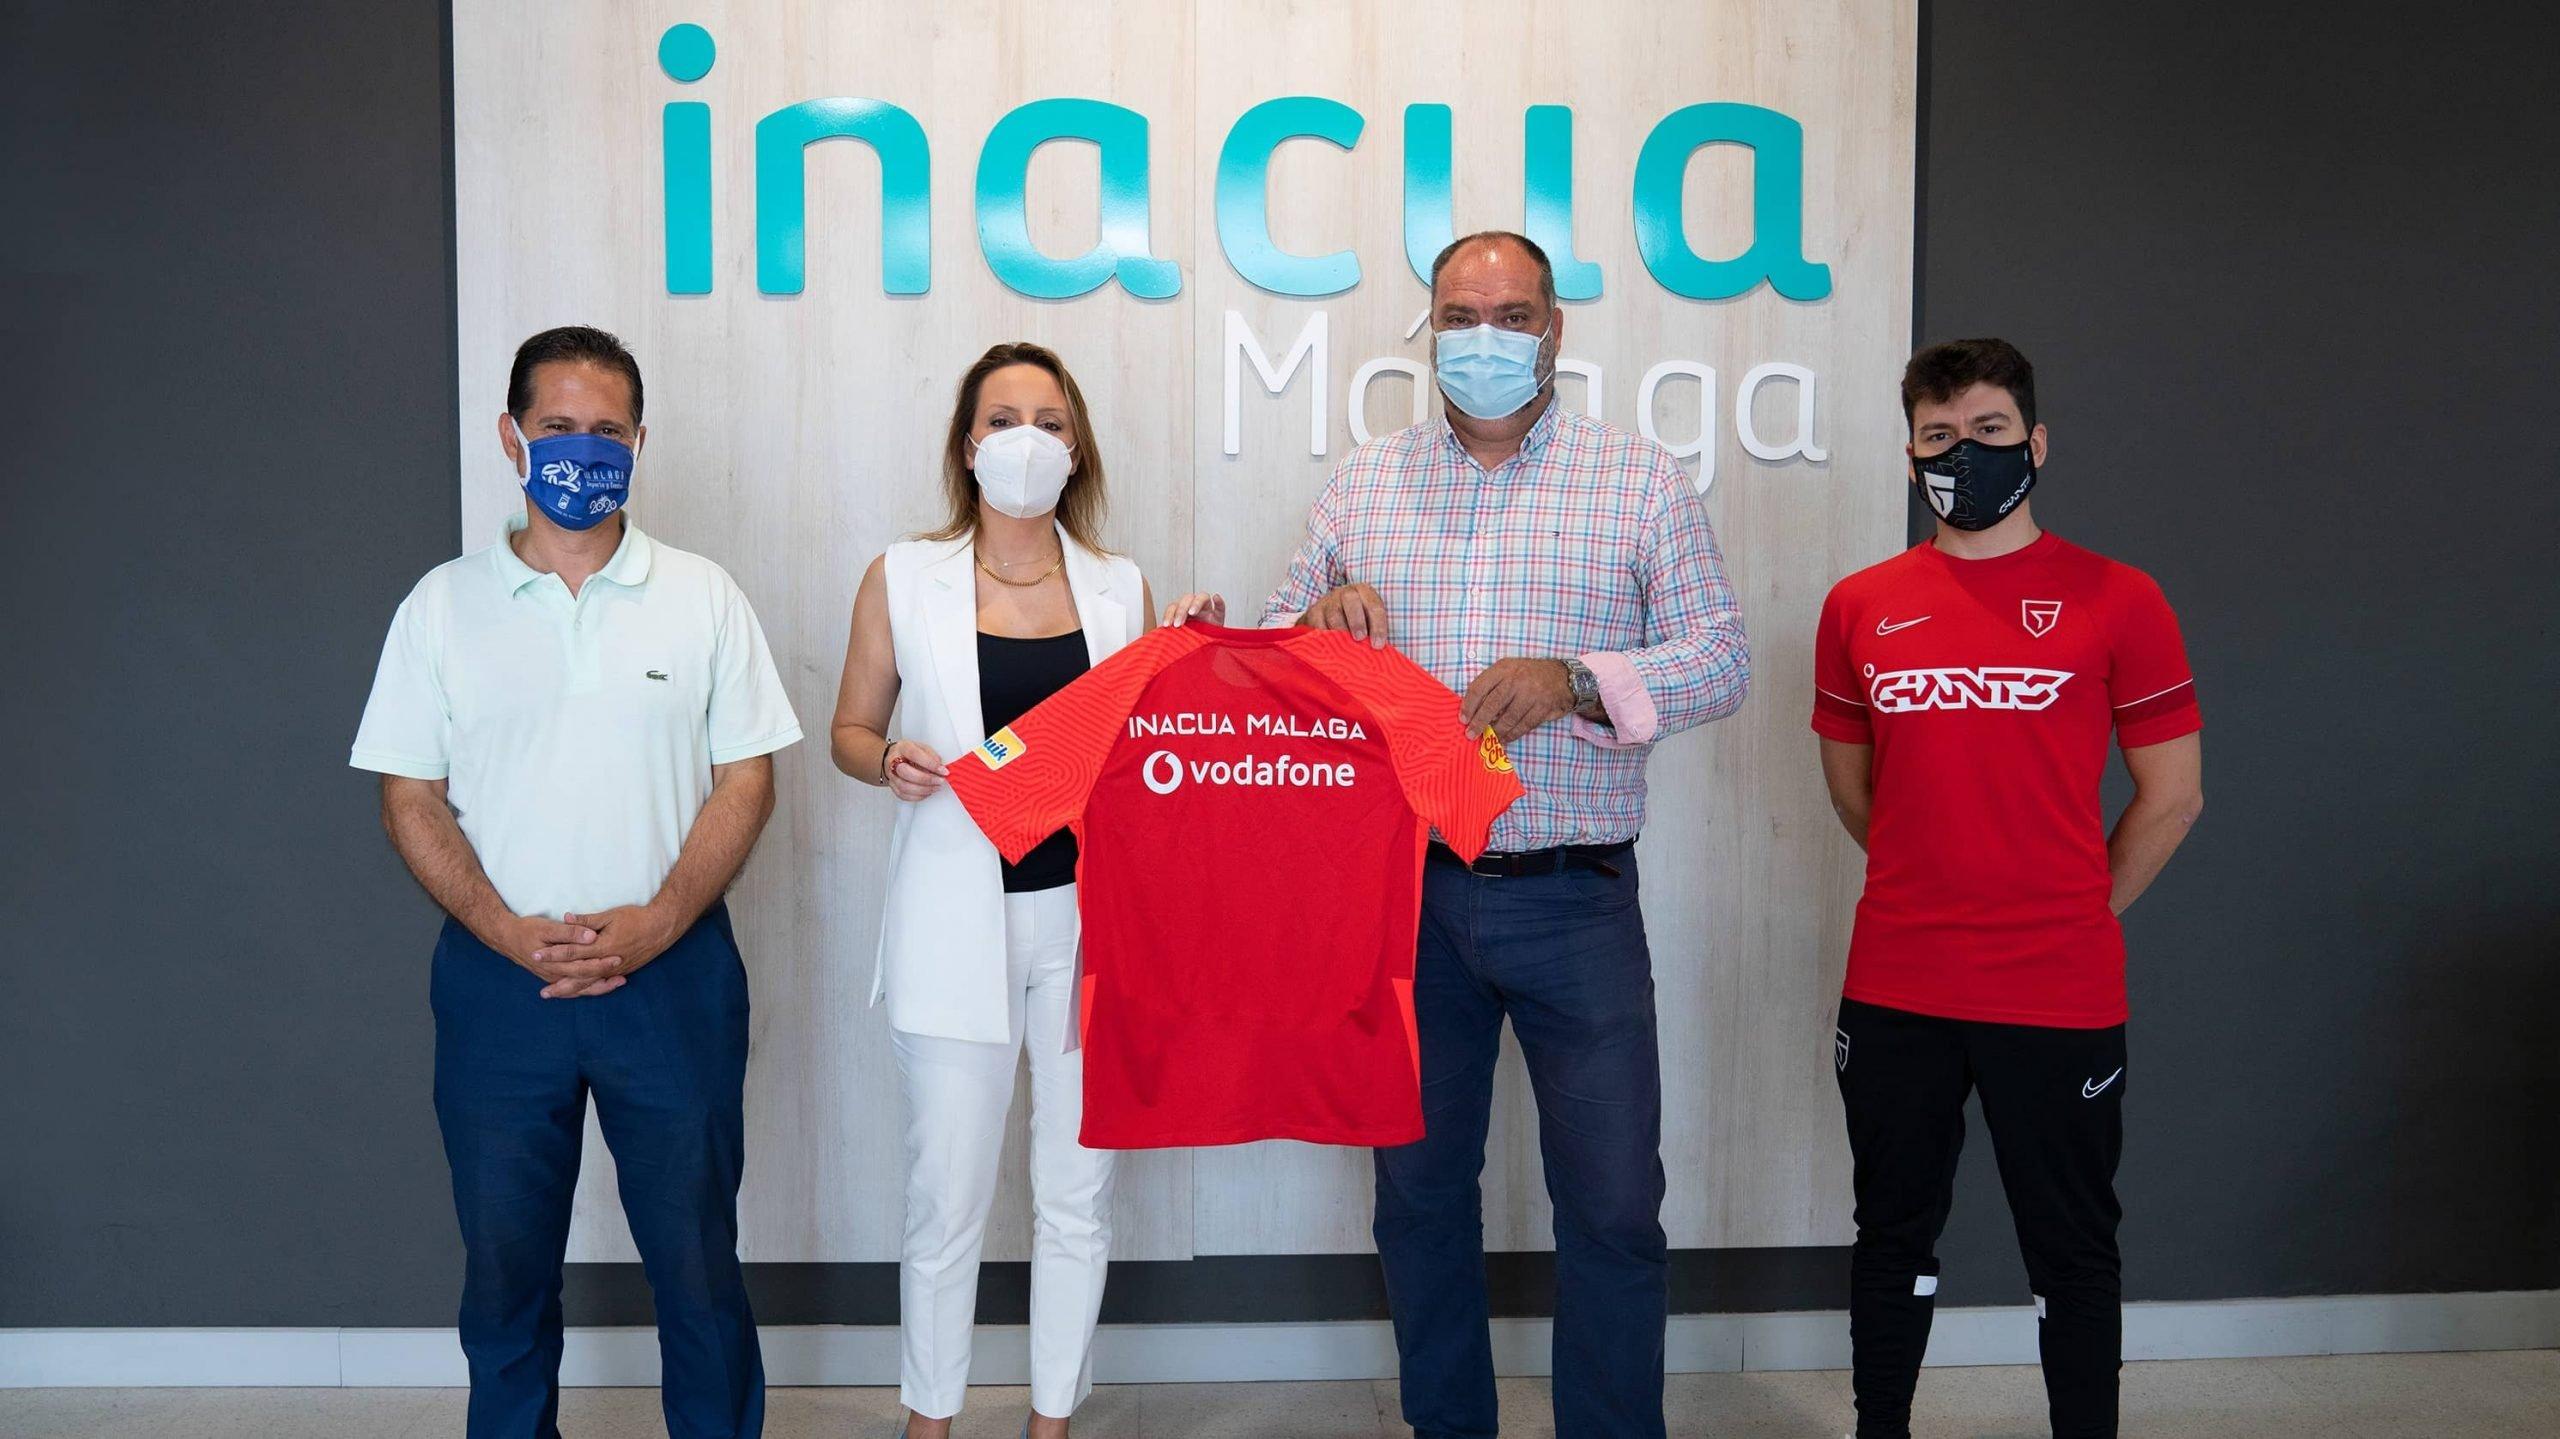 Vodafone Giants Inacua